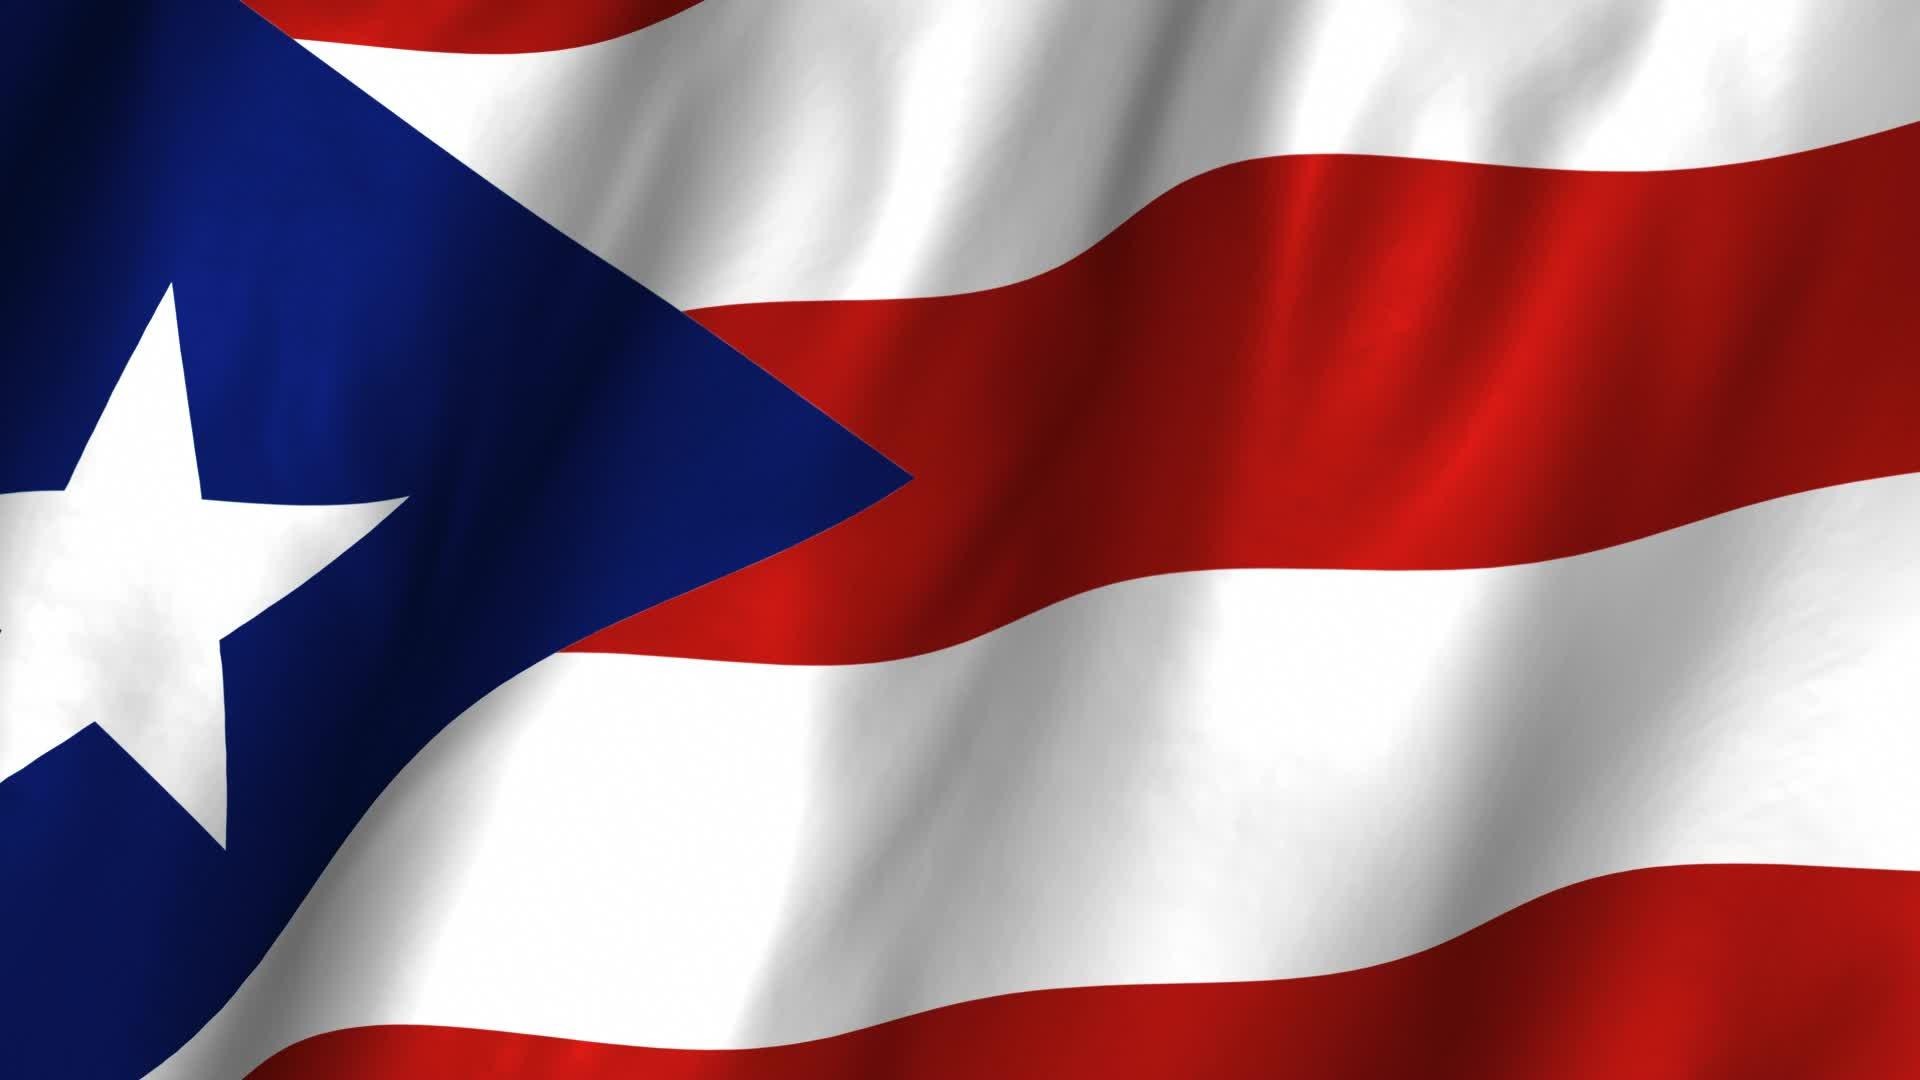 bandera-puerto-rico